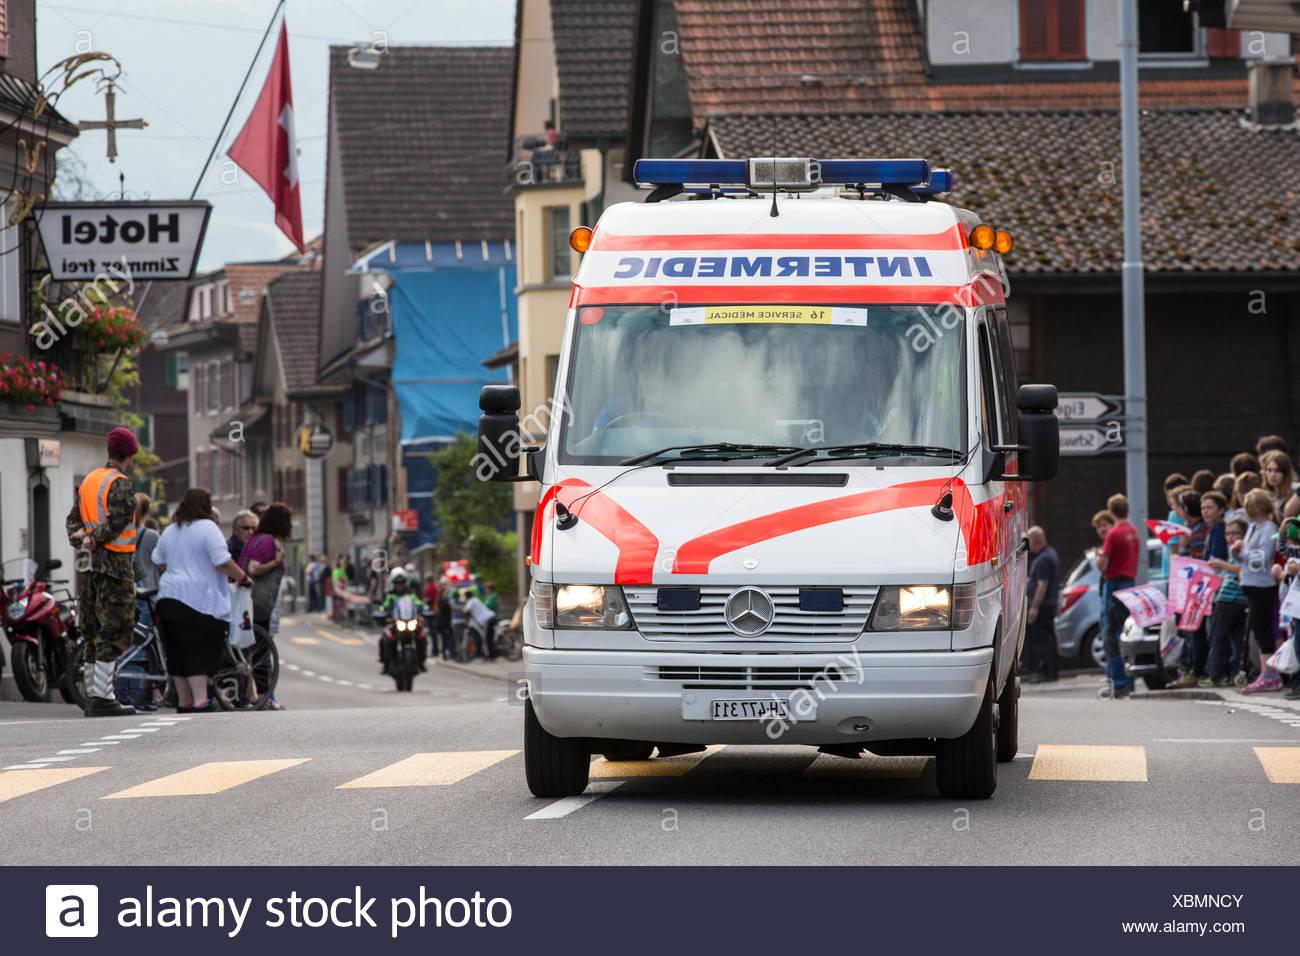 Tour de Suisse - ambulance - Stock Image